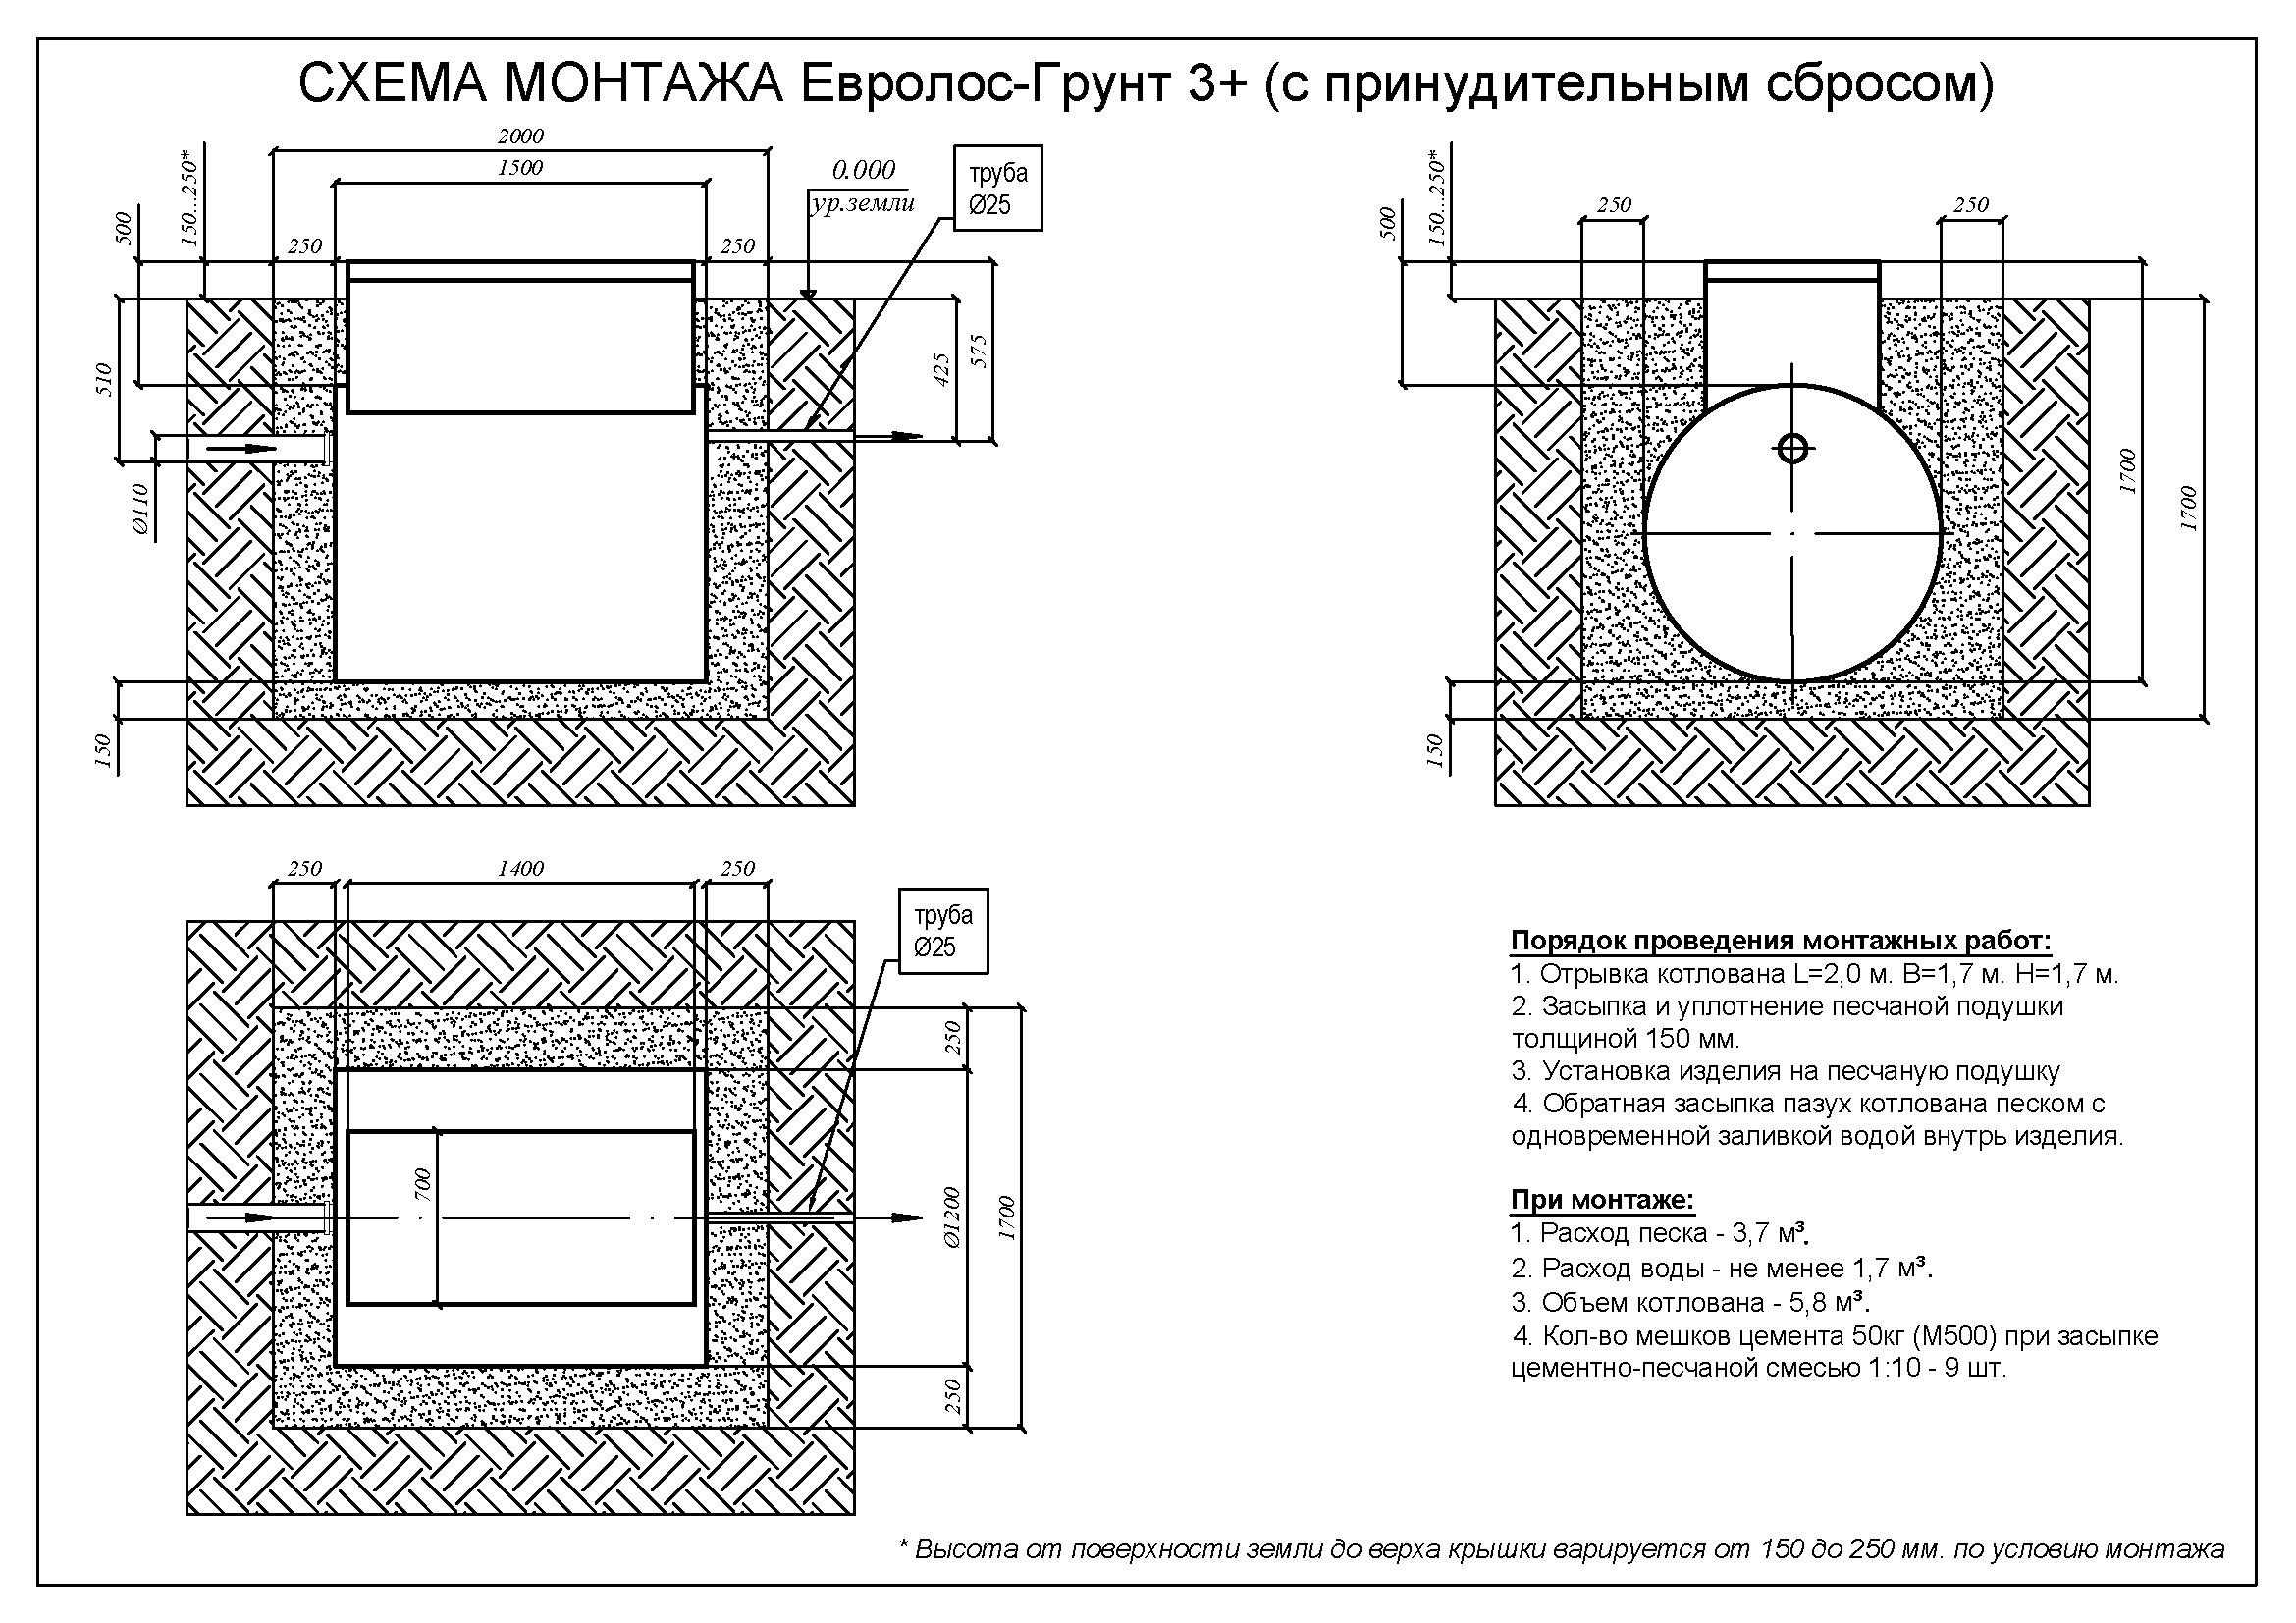 Монтажные схемы Евролос Грунт_Страница_02